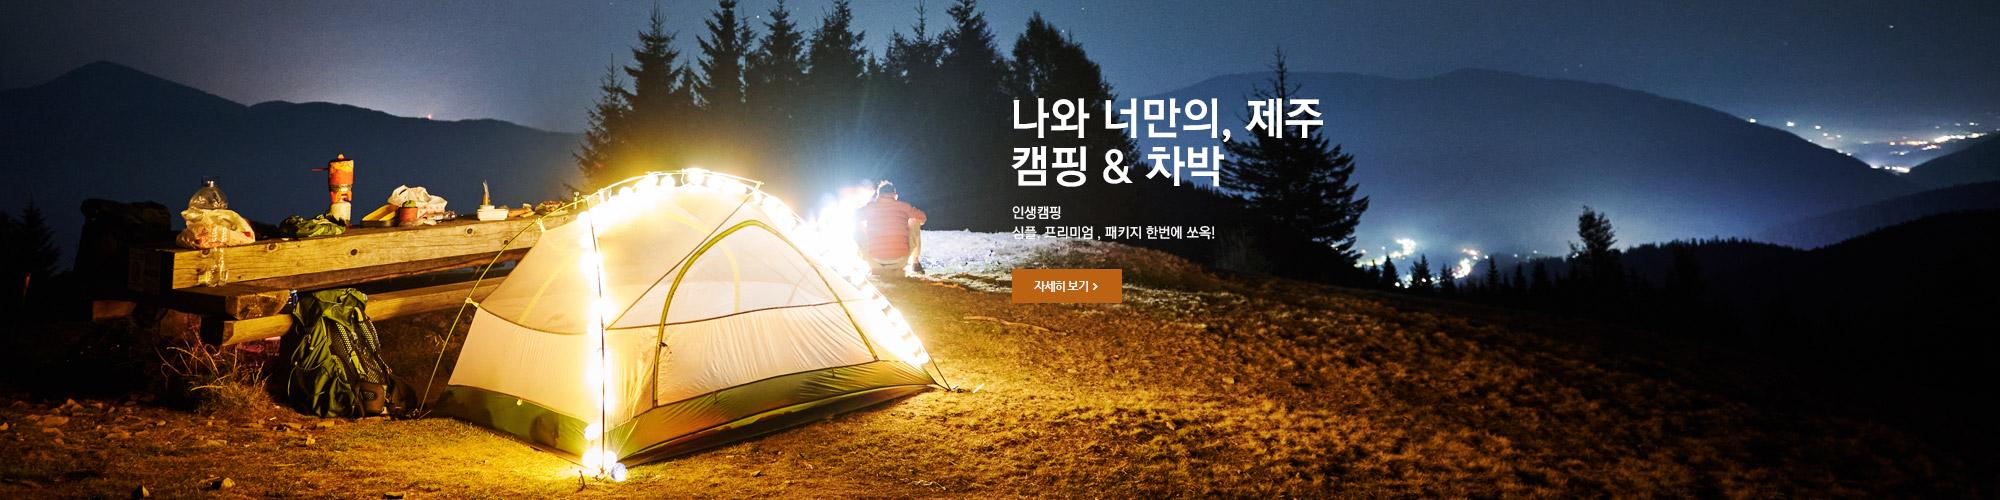 [나만의] 제주캠핑&차박